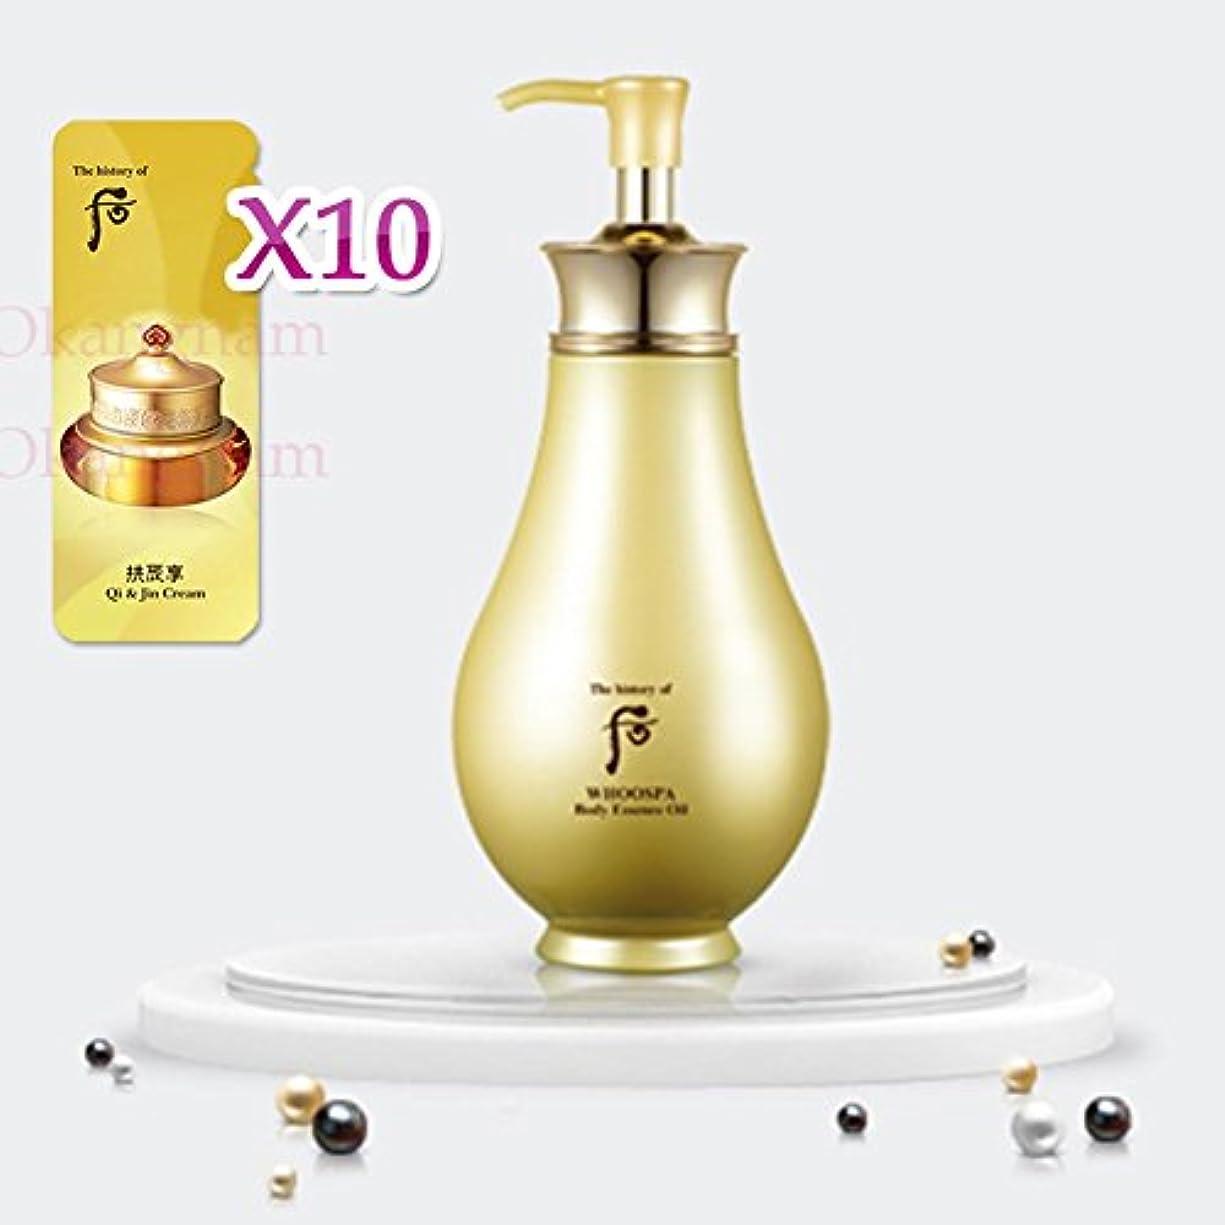 お世話になった読書言うまでもなく【フー/The history of whoo] Whoo后SPA03 Whoo Spa Body Essence Oil/后(フー)フス派ボディエッセンスオイル + [Sample Gift](海外直送品)